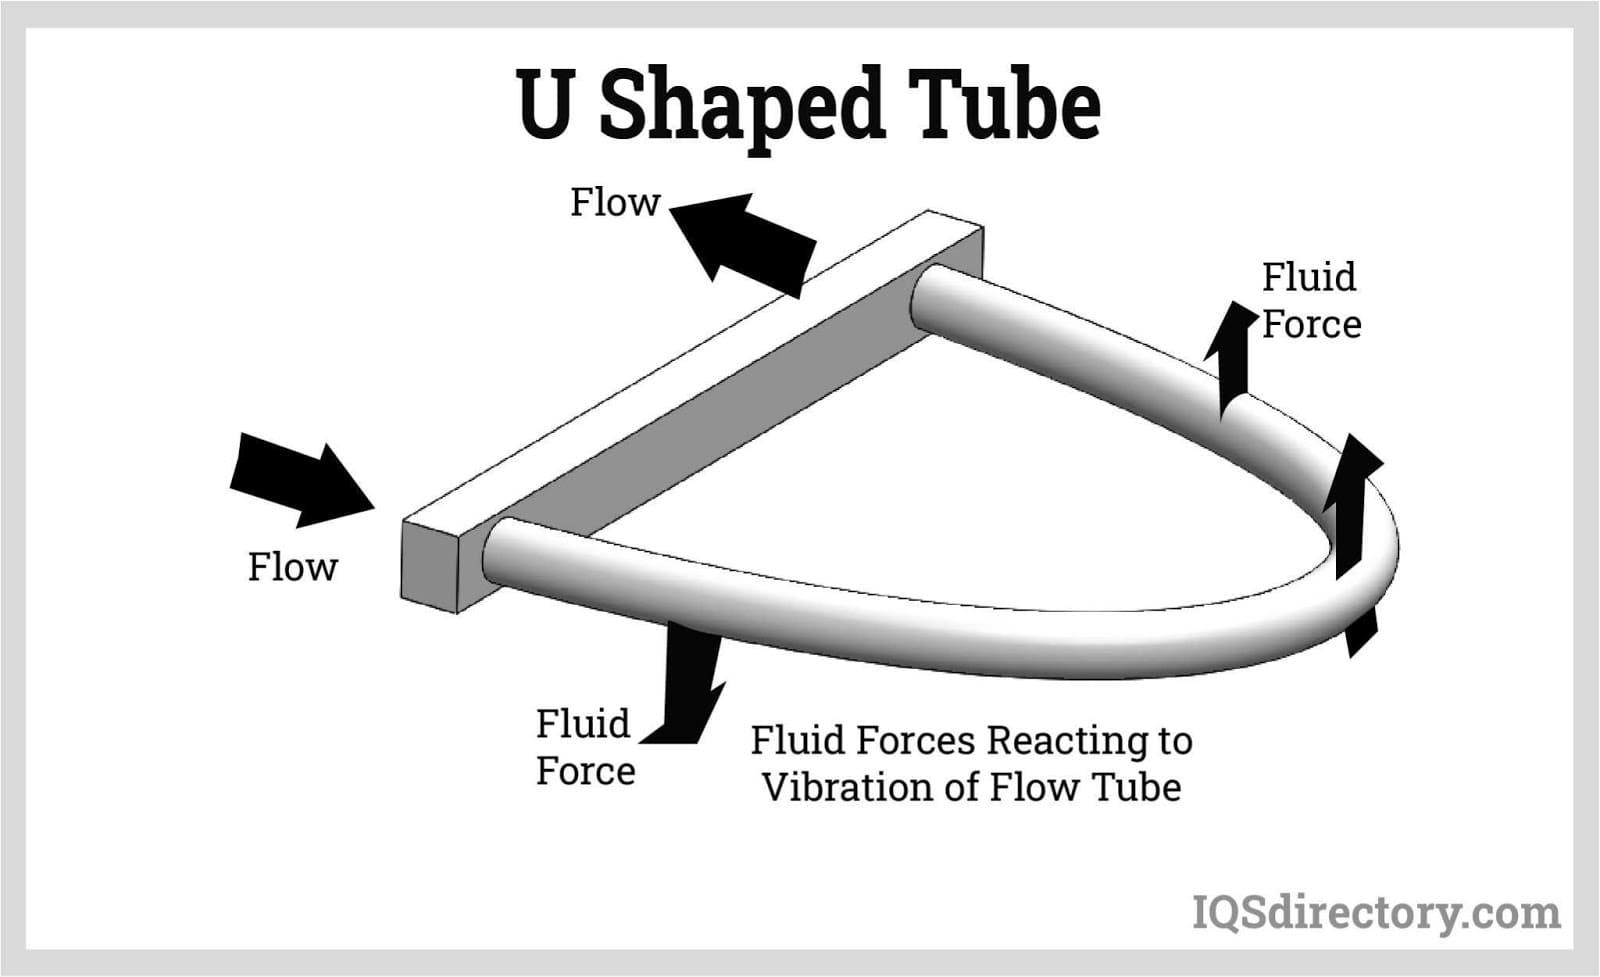 U Shaped Tube